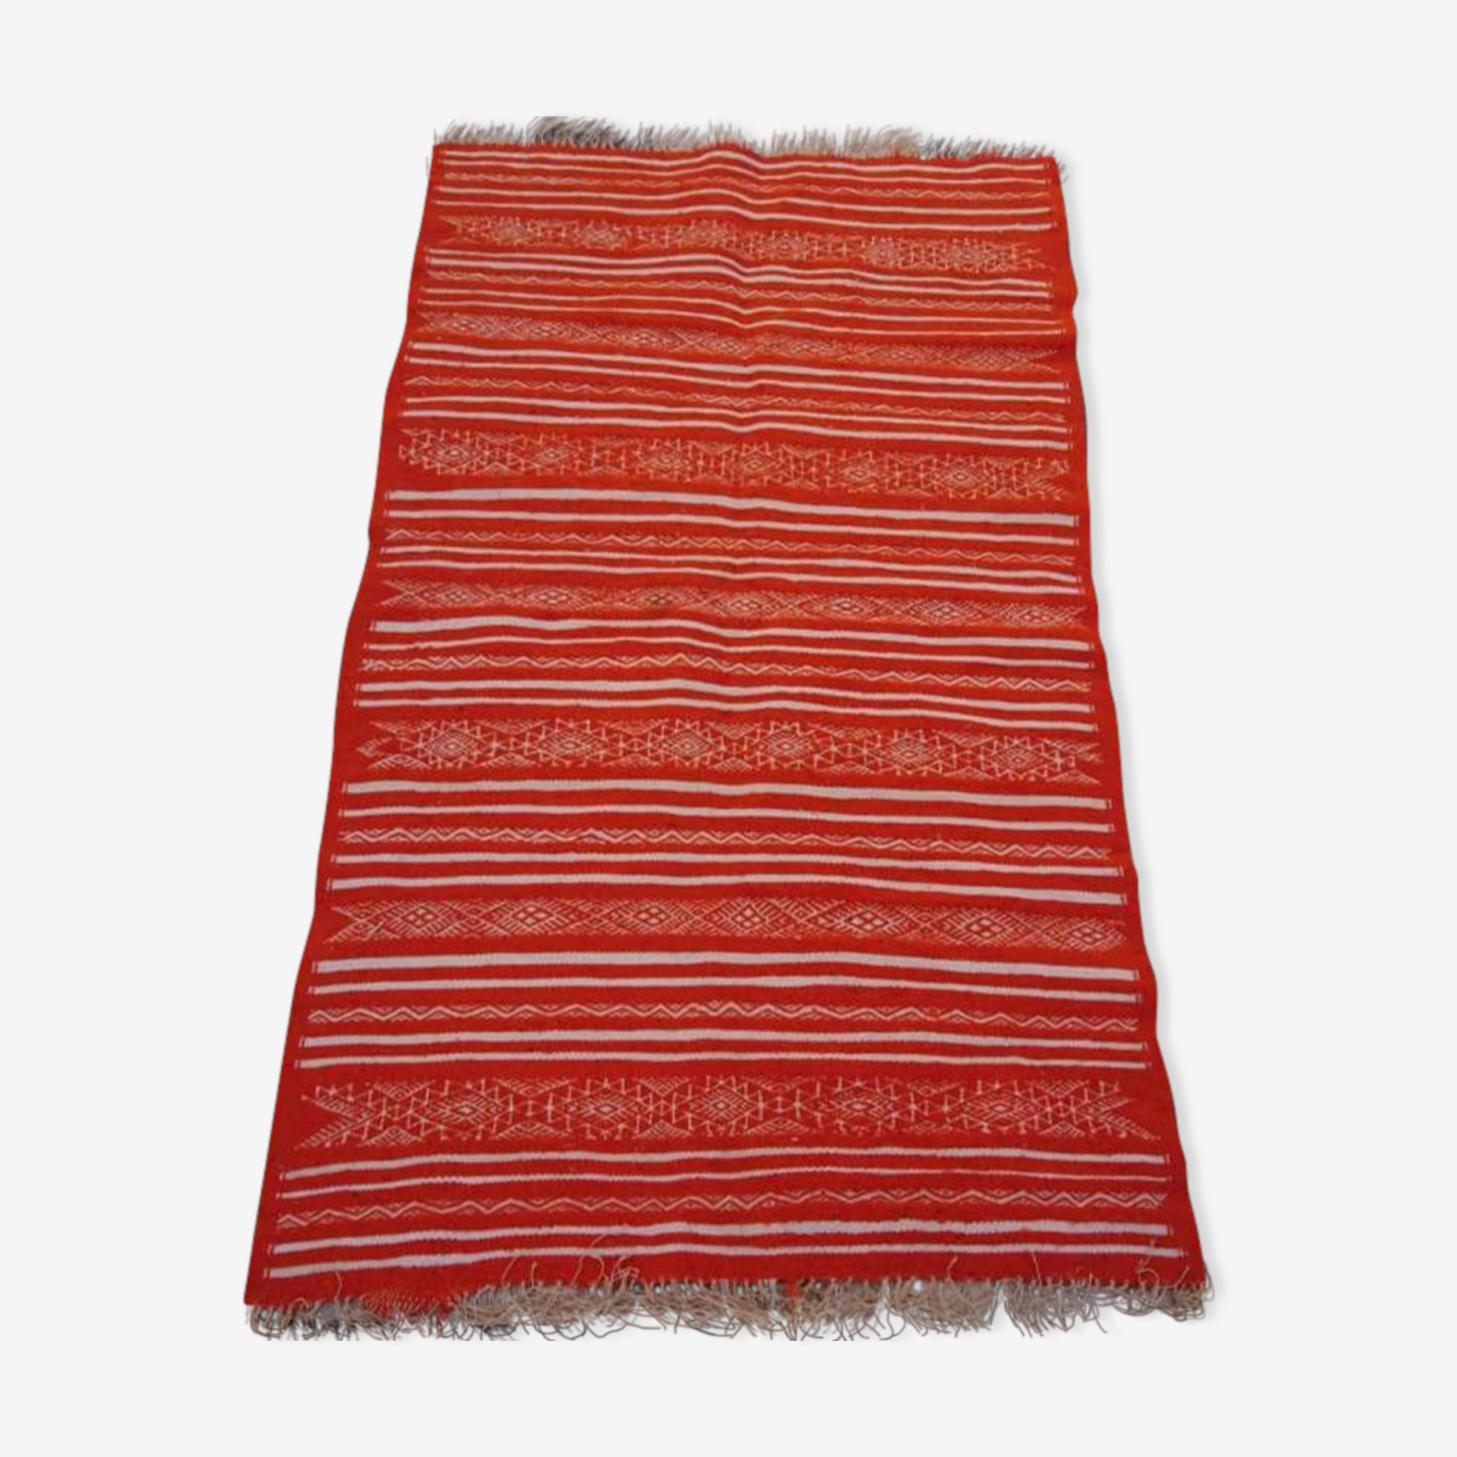 Tapis orange et blanc, 185x110cm